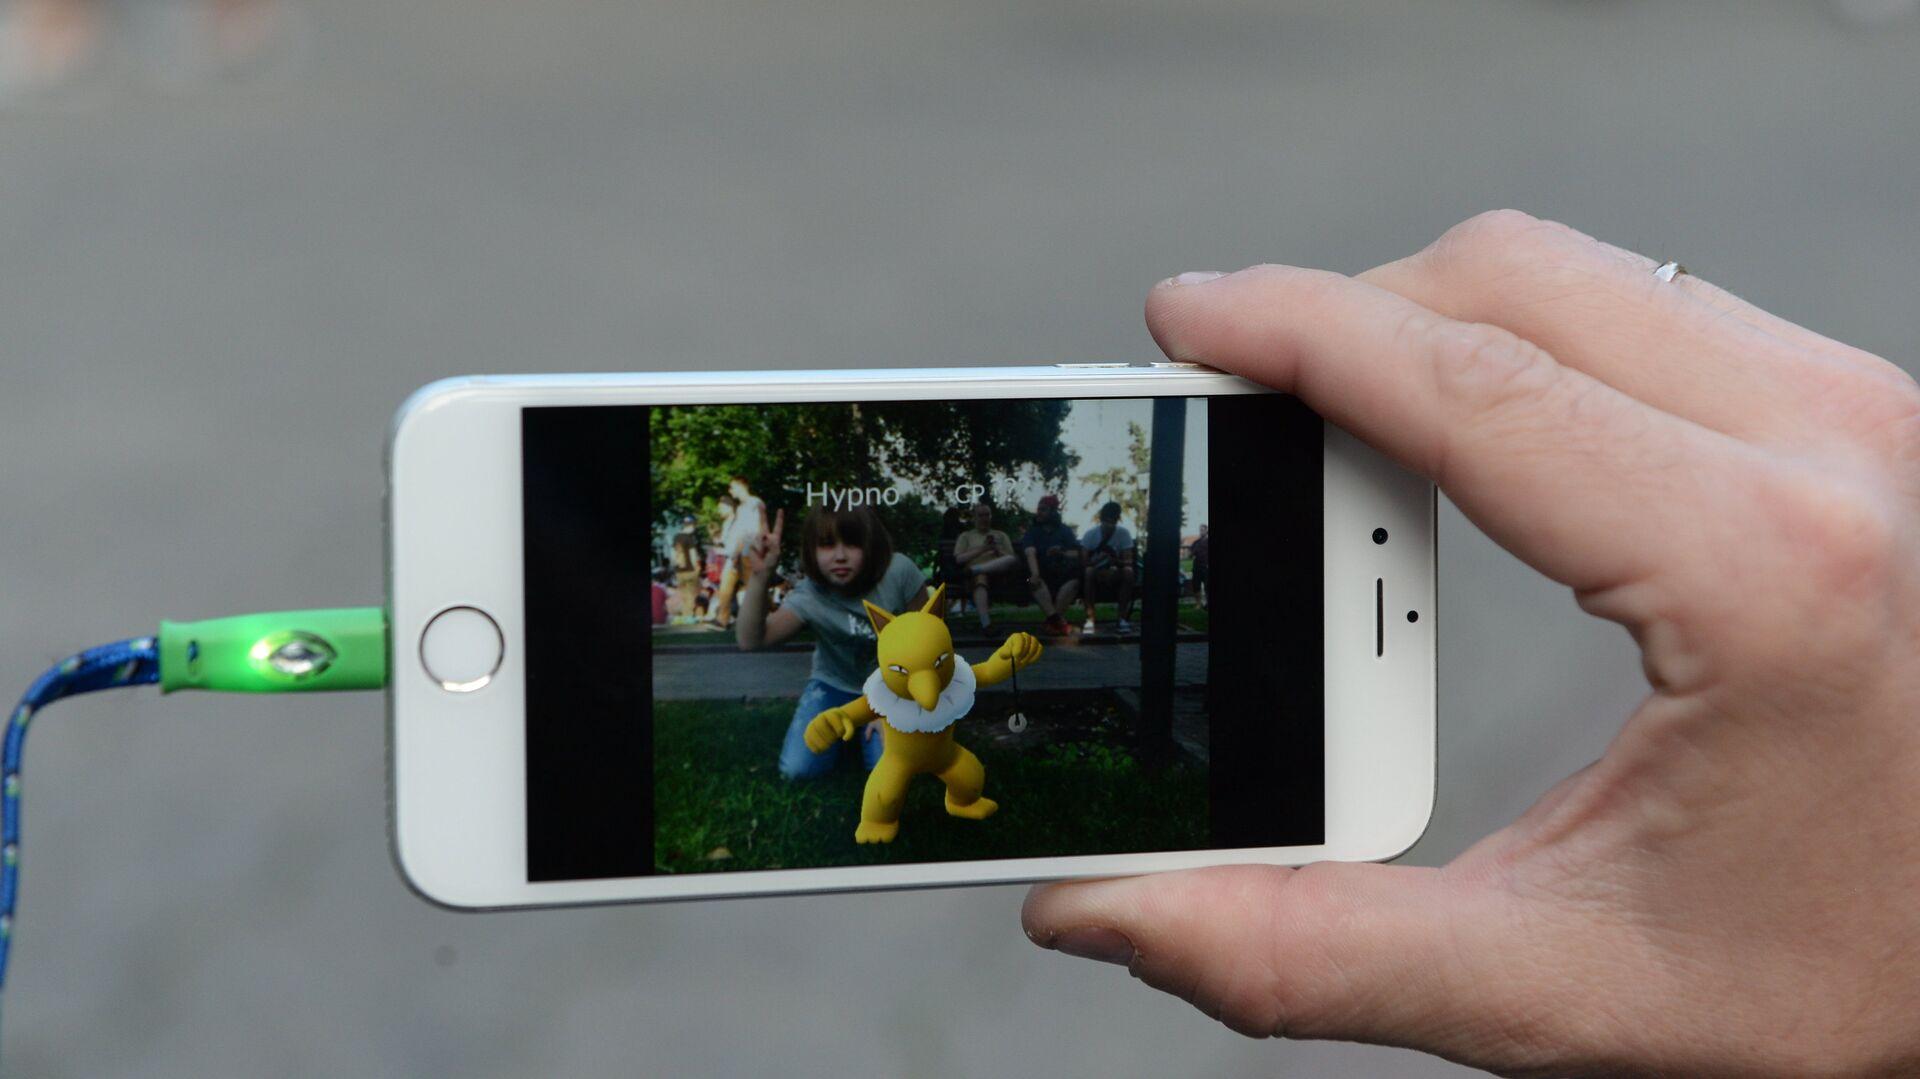 Игровое приложение Pokemon Go от компании Nintendo на экране мобильного телефона - РИА Новости, 1920, 09.11.2020